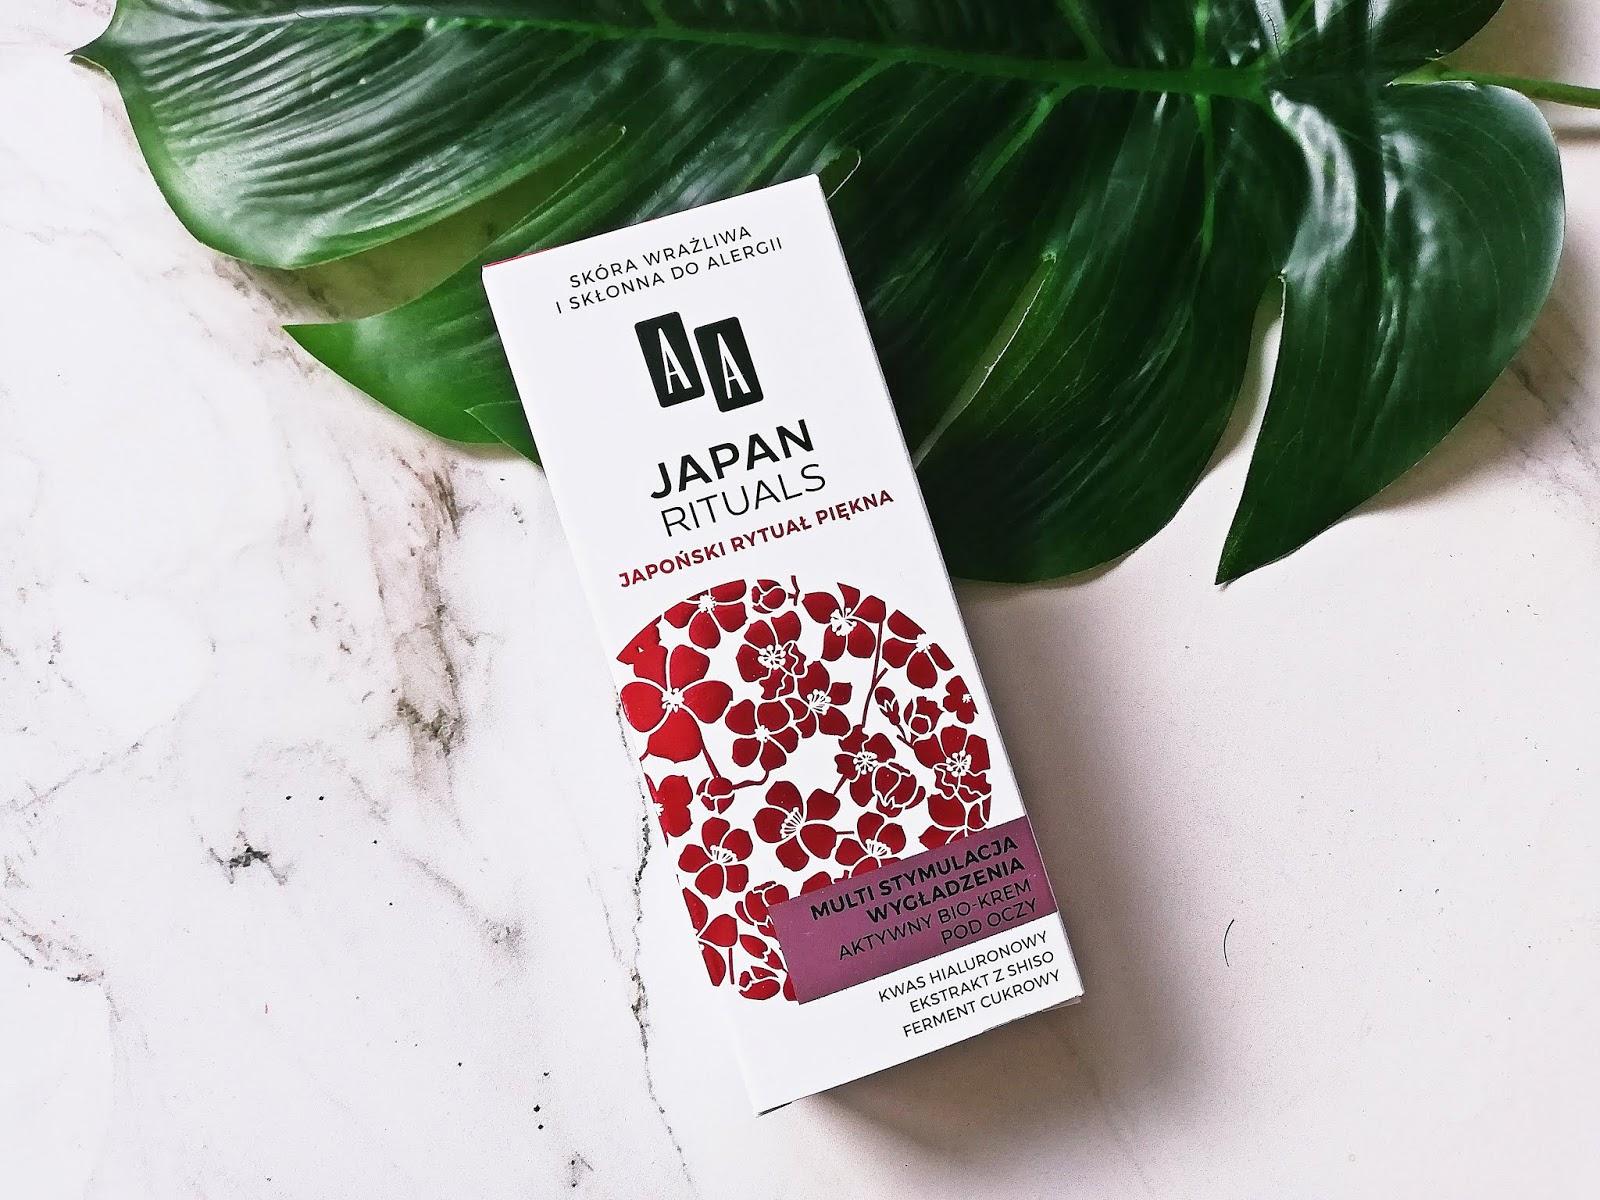 Japoński rytuał piękna_AA